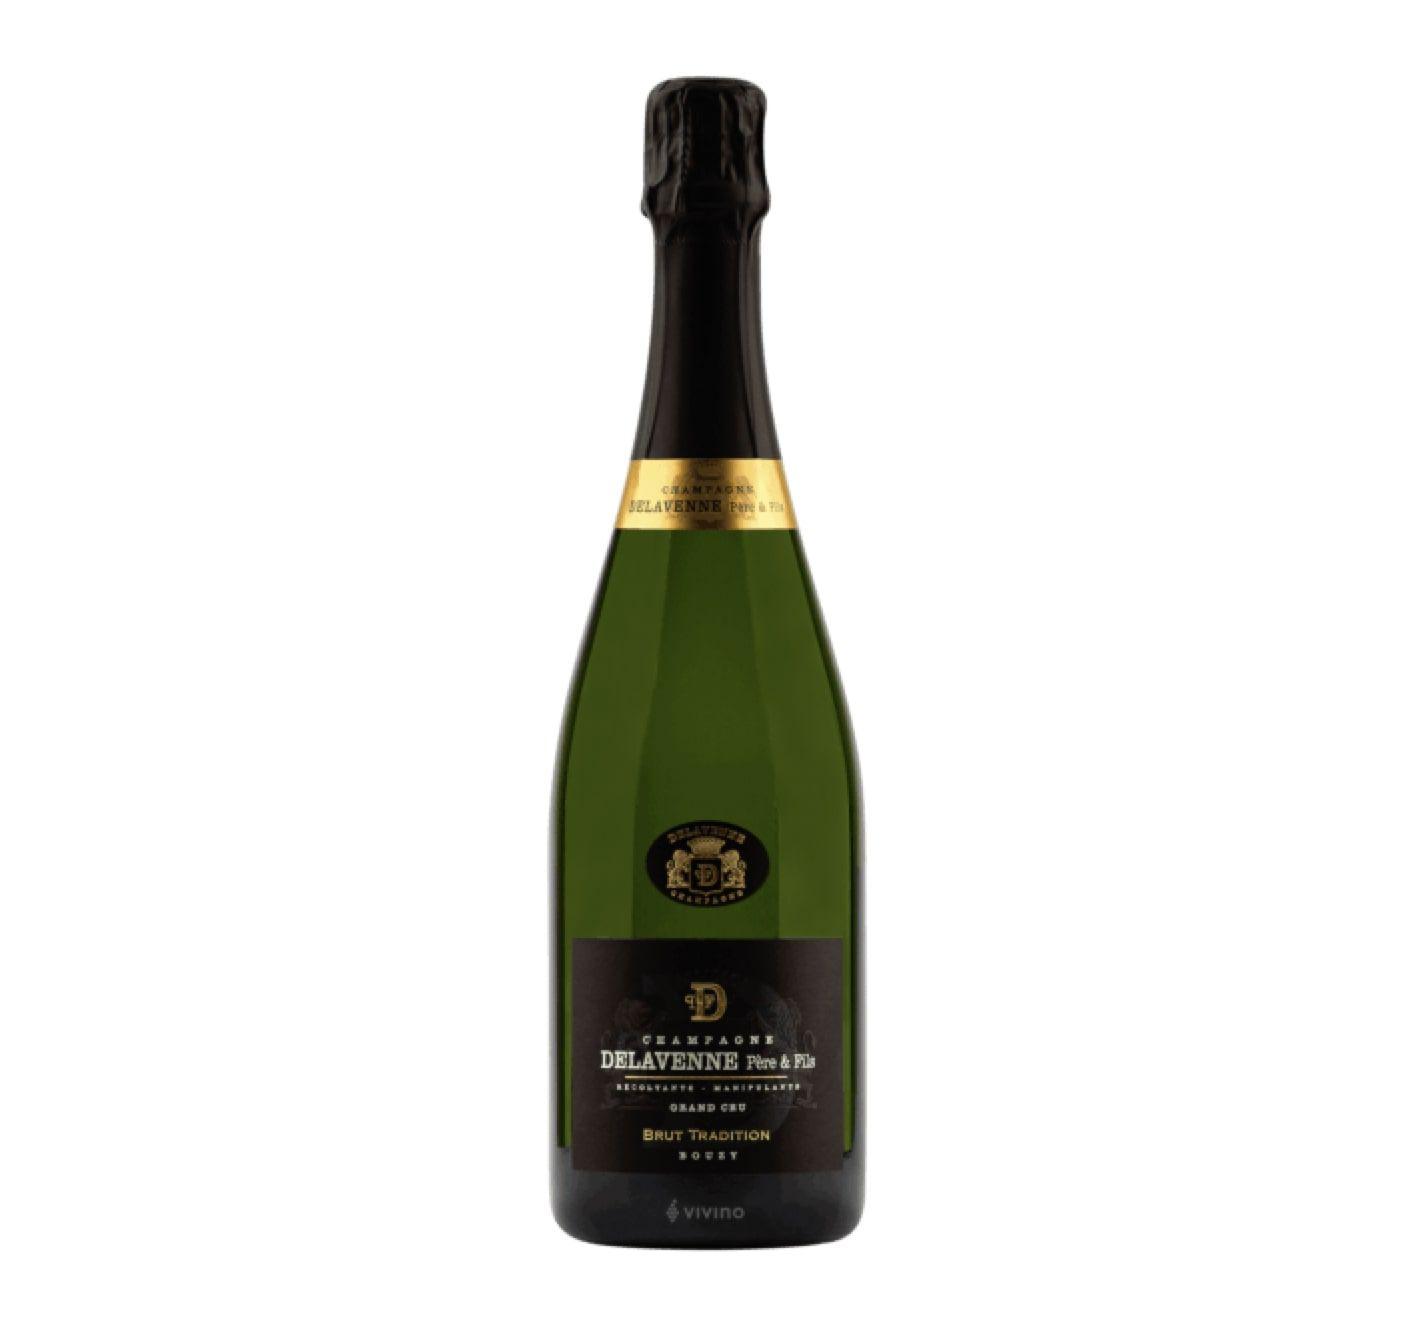 Delavenne Pere & Fils Champagne